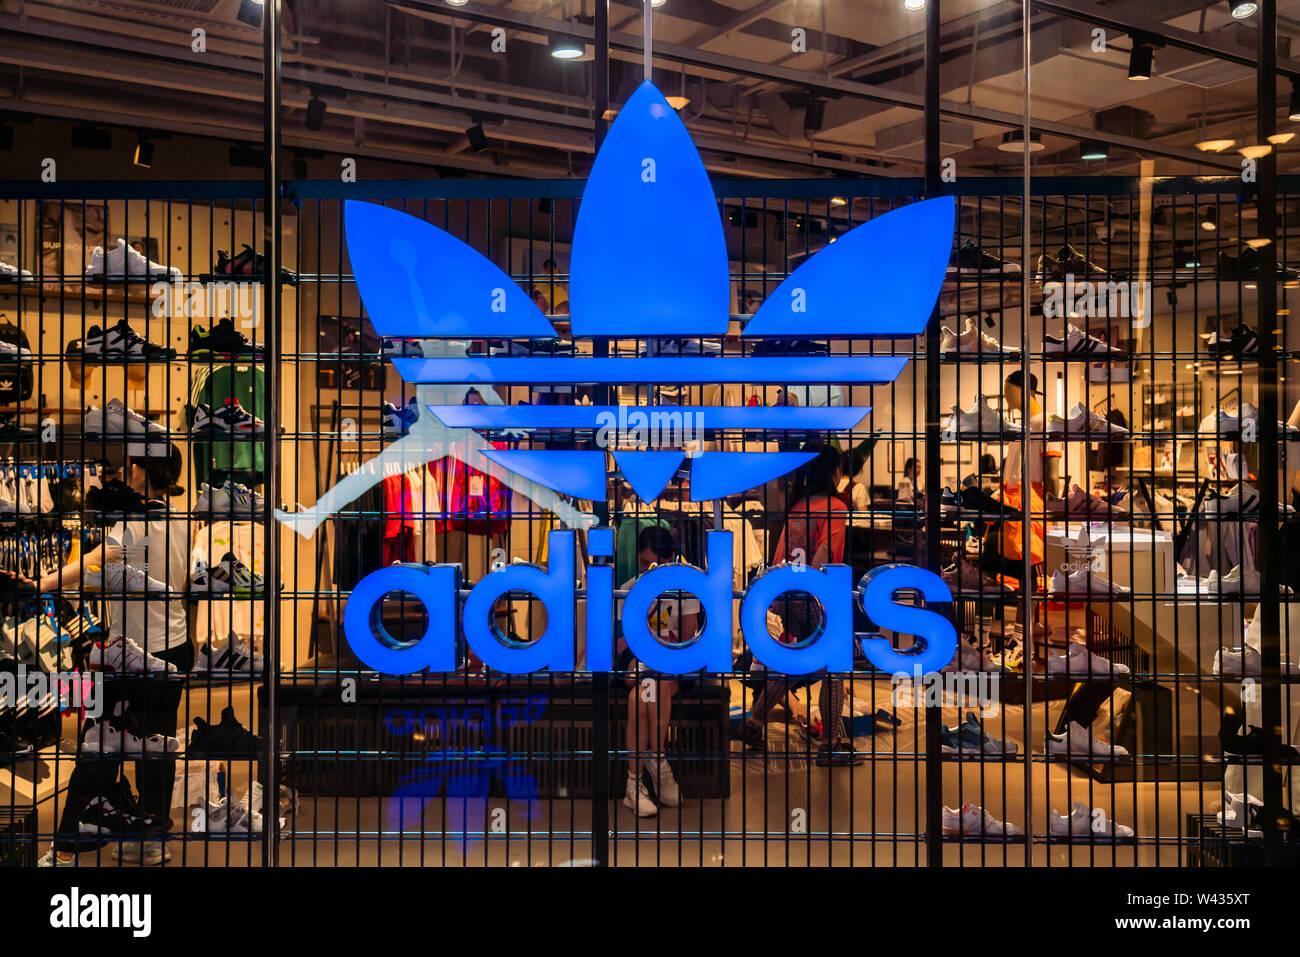 Adidas Originals, eine Linie von casual Sportbekleidung unter Deutschen multinationalen Sportkleidung der Marke Adidas, Speichern und Logo in Shanghai gesehen. Stockfoto